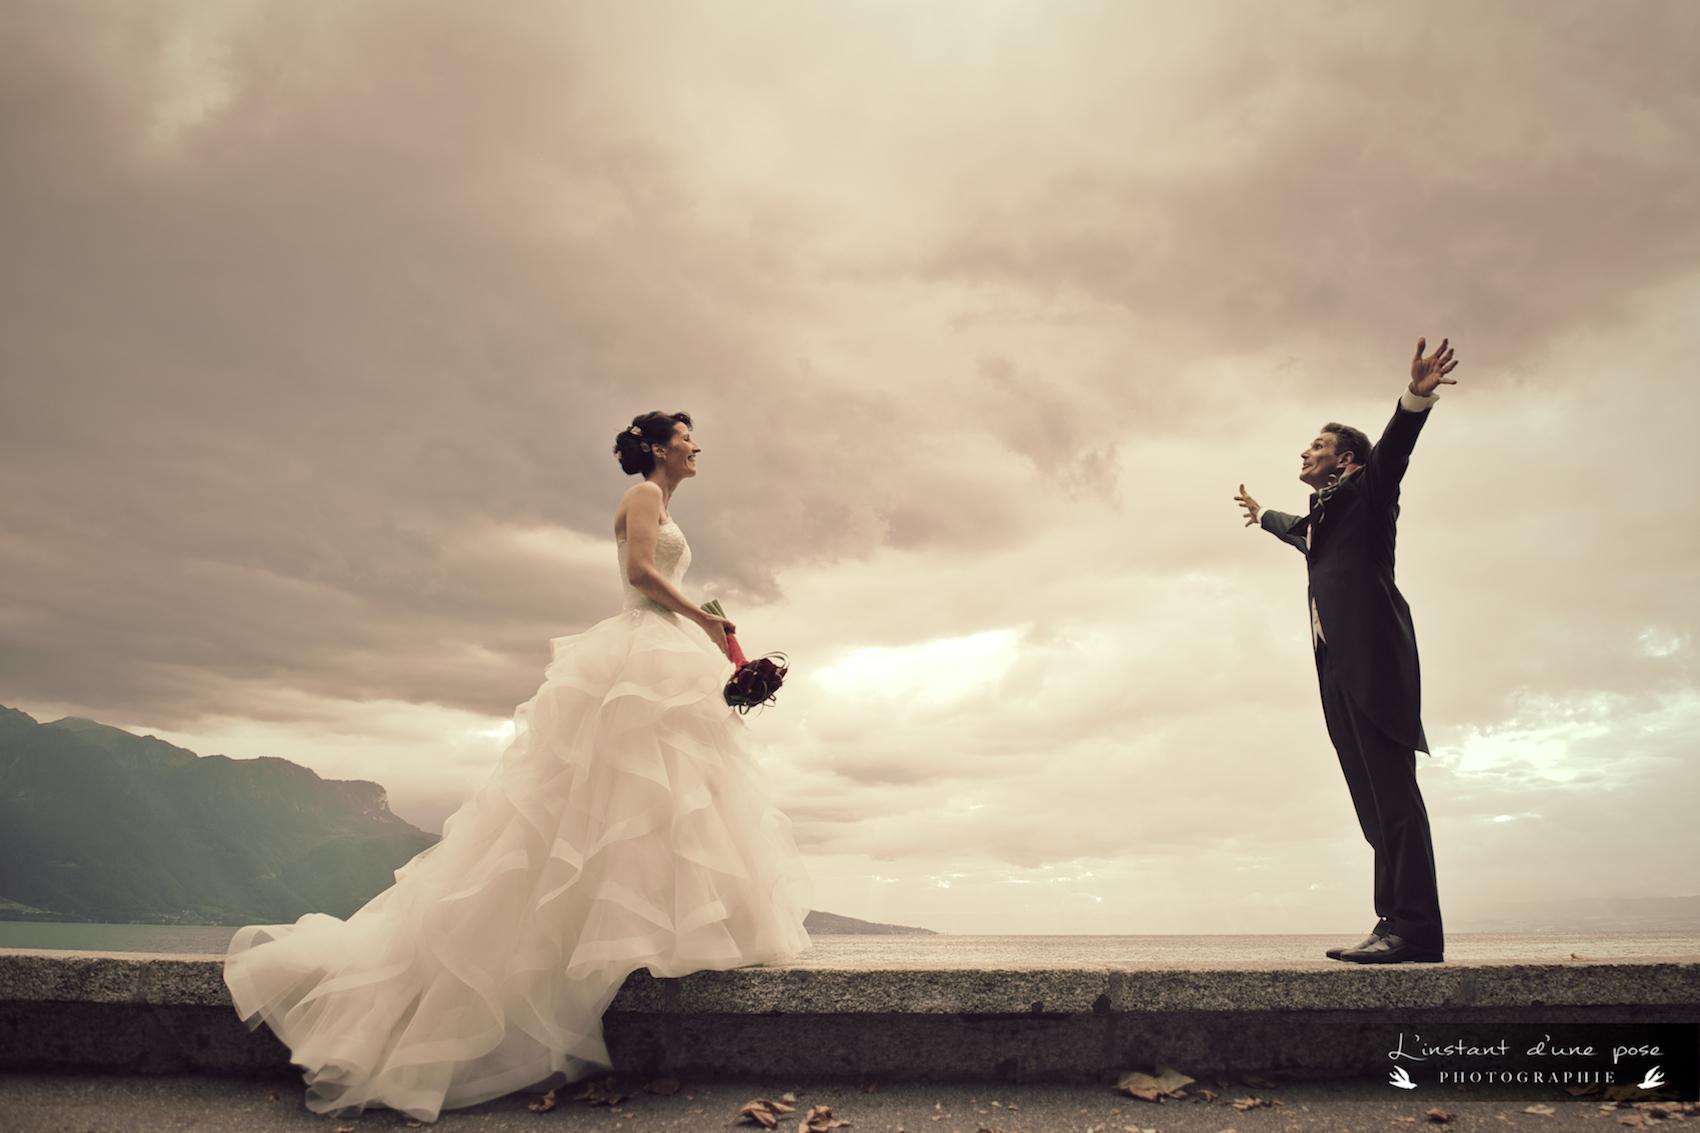 A&N_les mariés 152